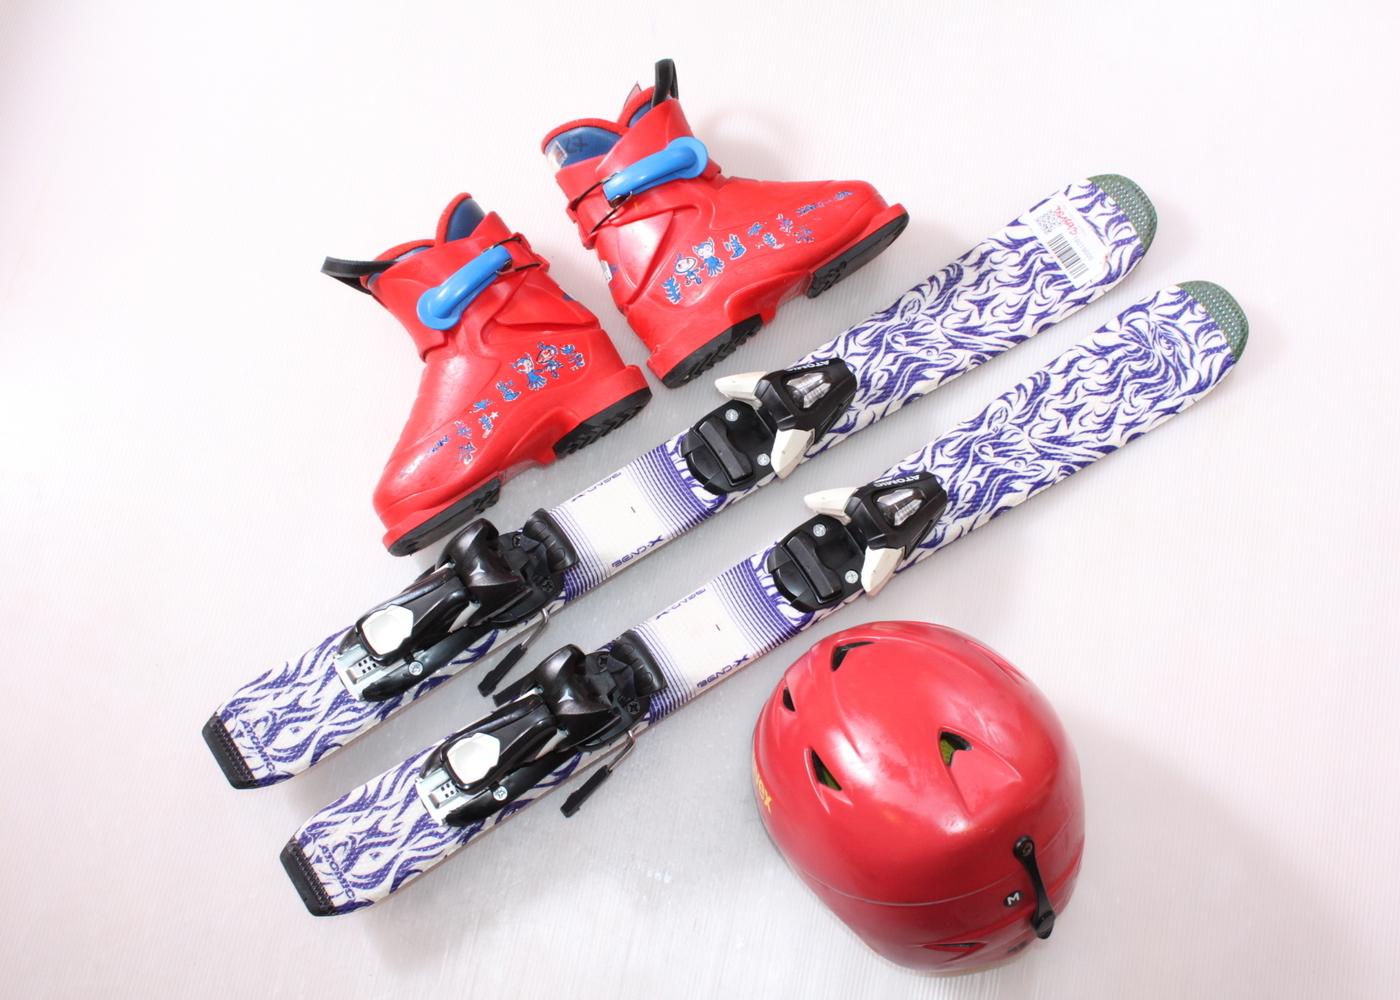 Dětské lyže ATOMIC ANIMAL FUN 80 cm + lyžáky  27EU + helma